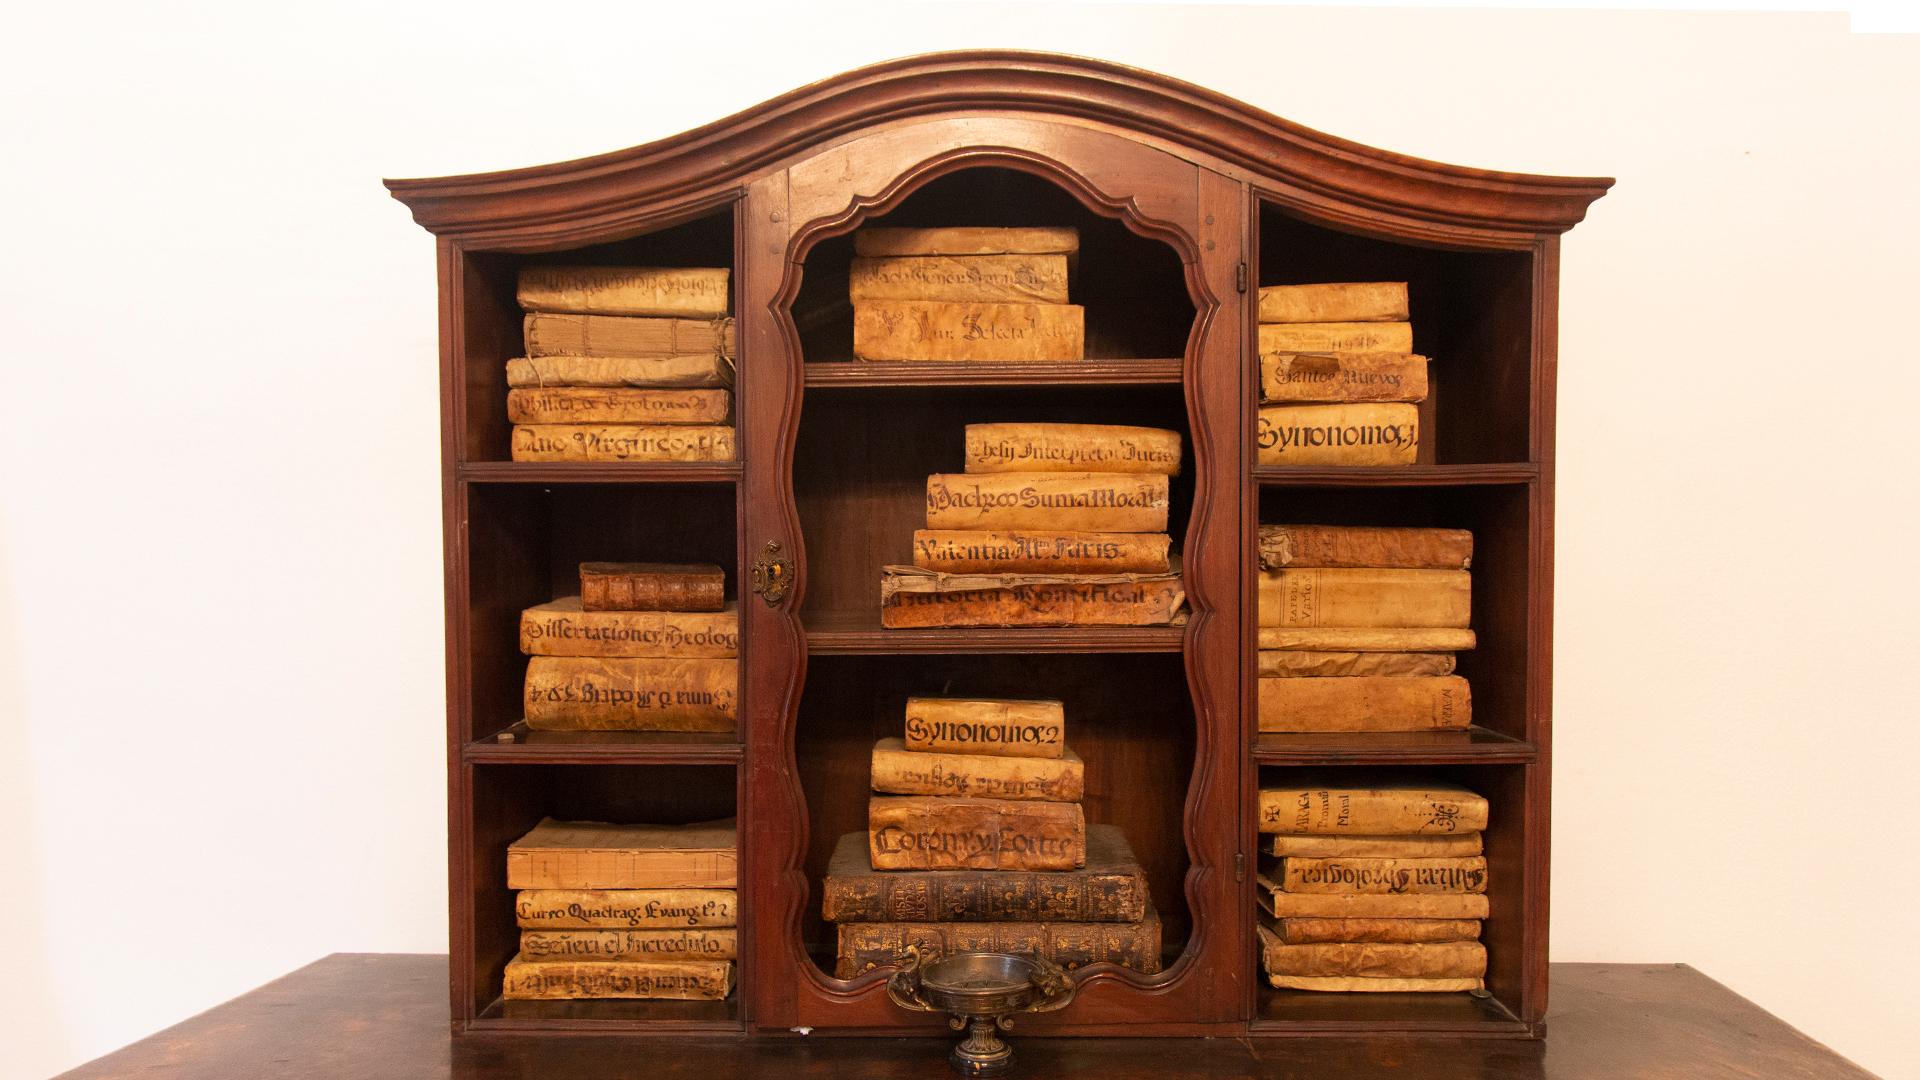 RMCZ despacho donlope 5 libros antiguos